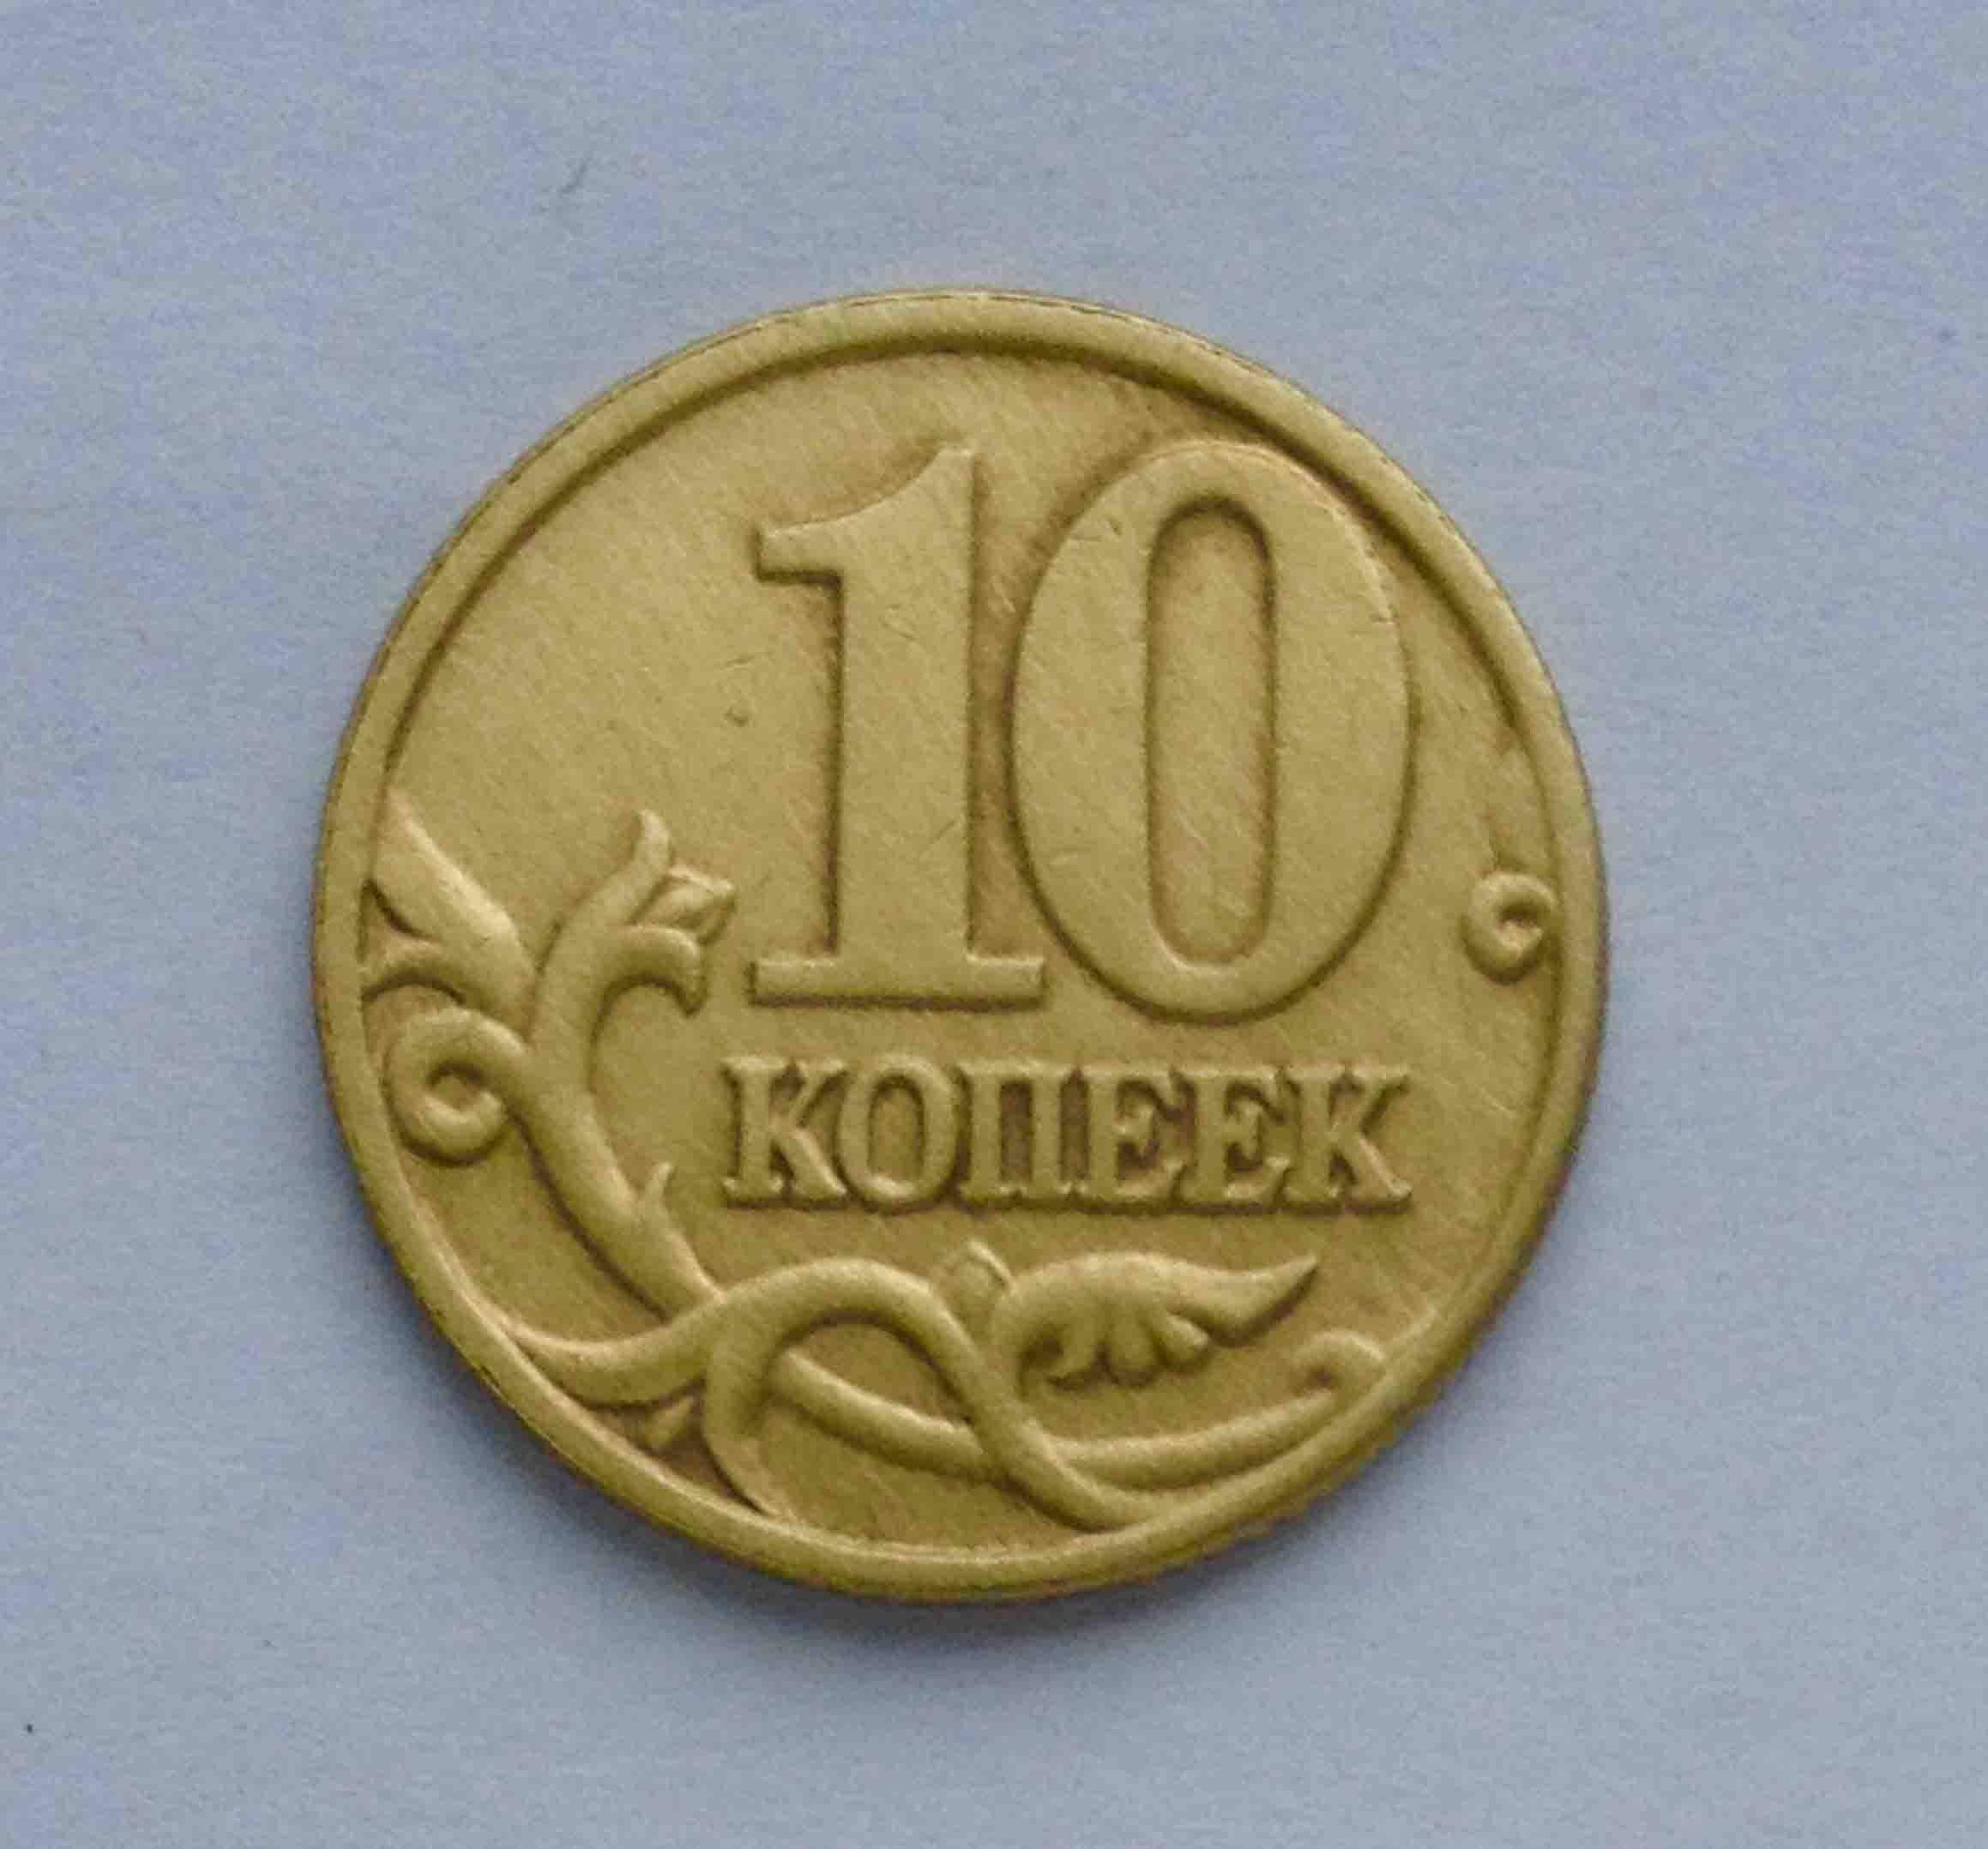 10 копеек 2001